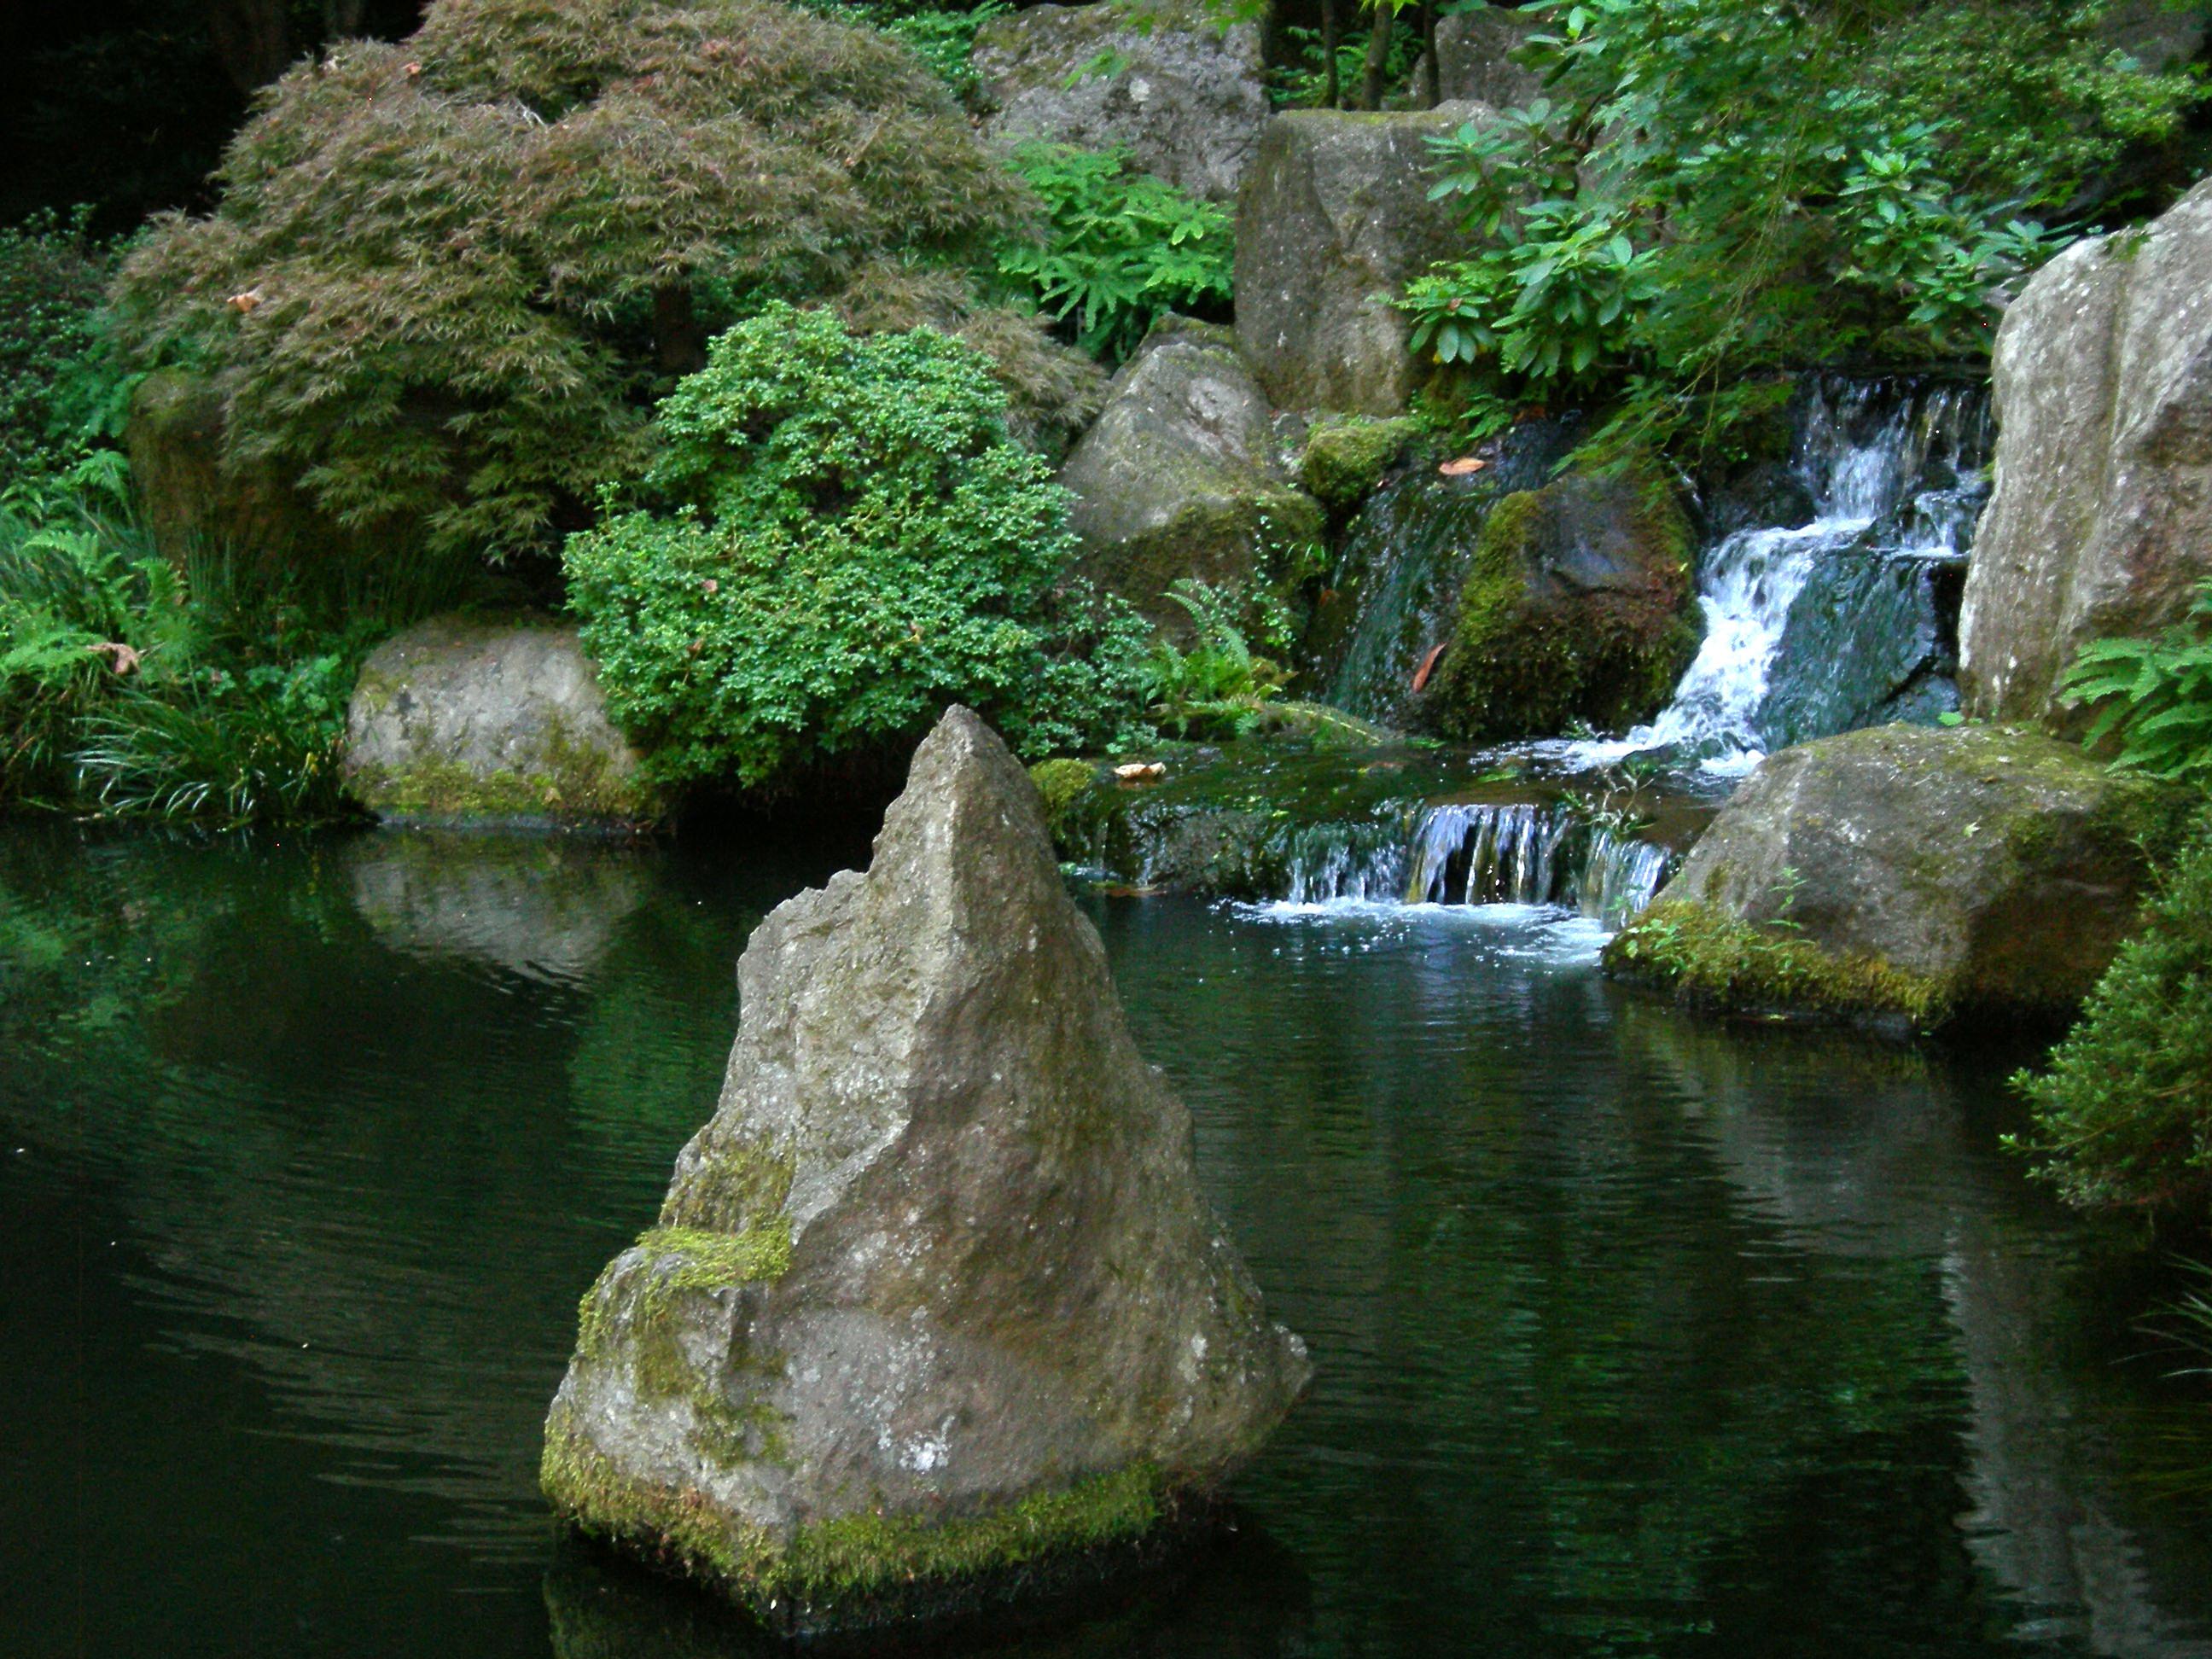 japanesegardenrock